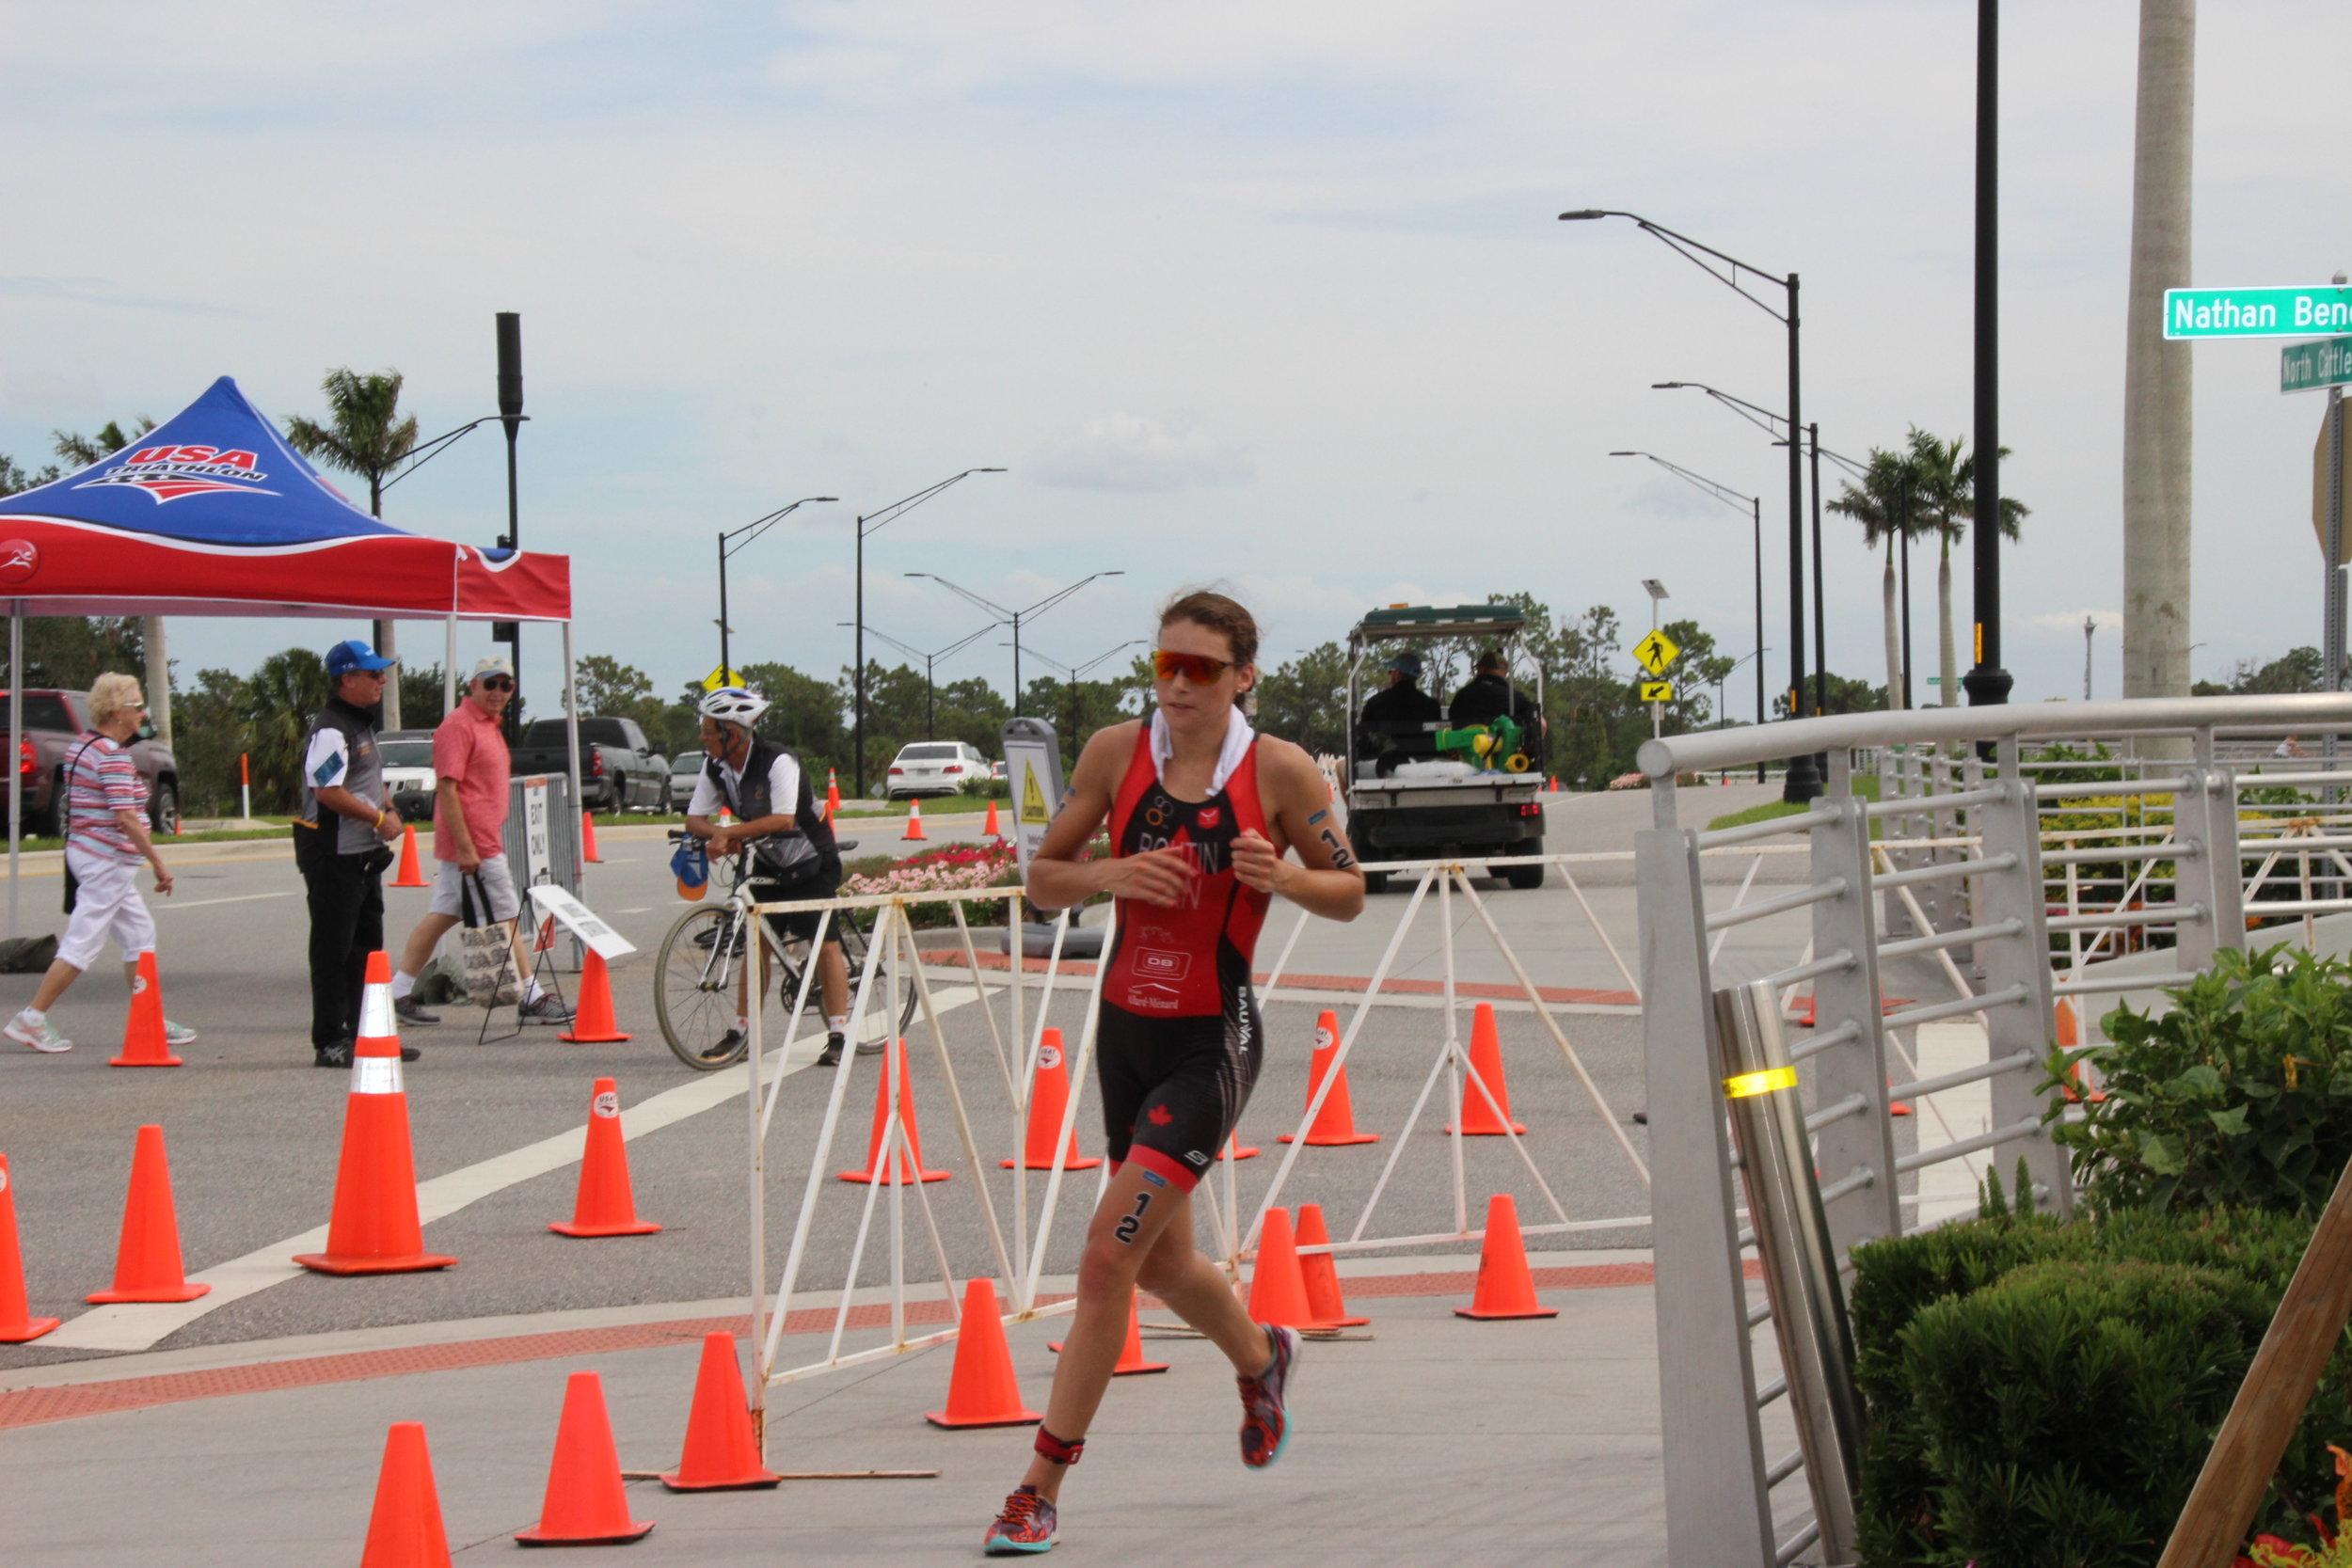 Sarasota, Coupe du Monde changée en duathlon distance olympique. Course à pied à 43 degrés C.